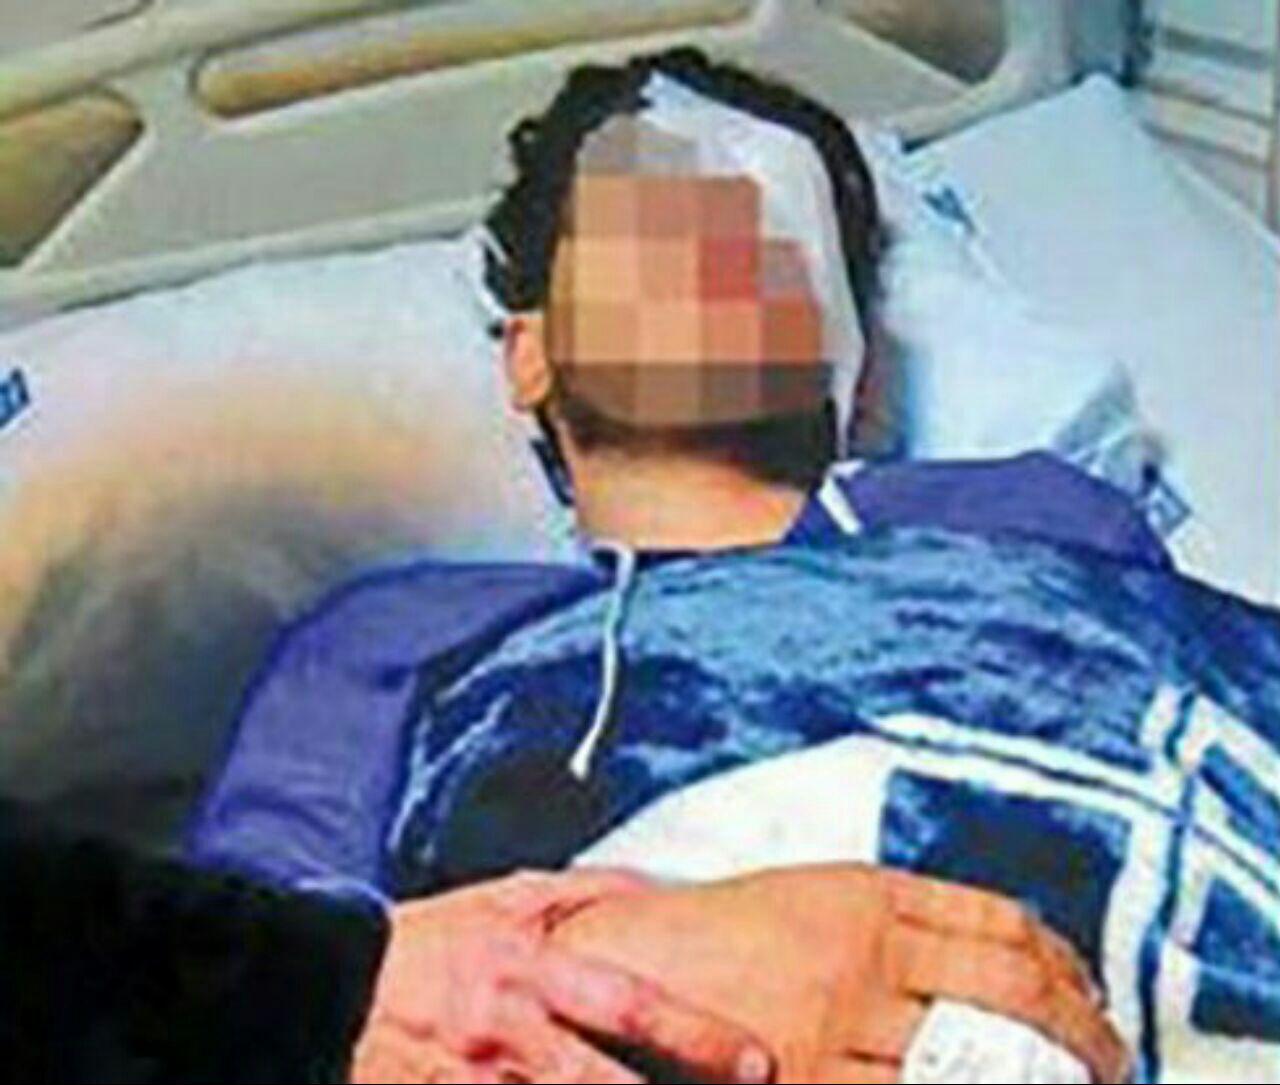 مشت محکم معلم تهرانی باعث کور شدن آرش ۱۸ ساله در مدرسه شد